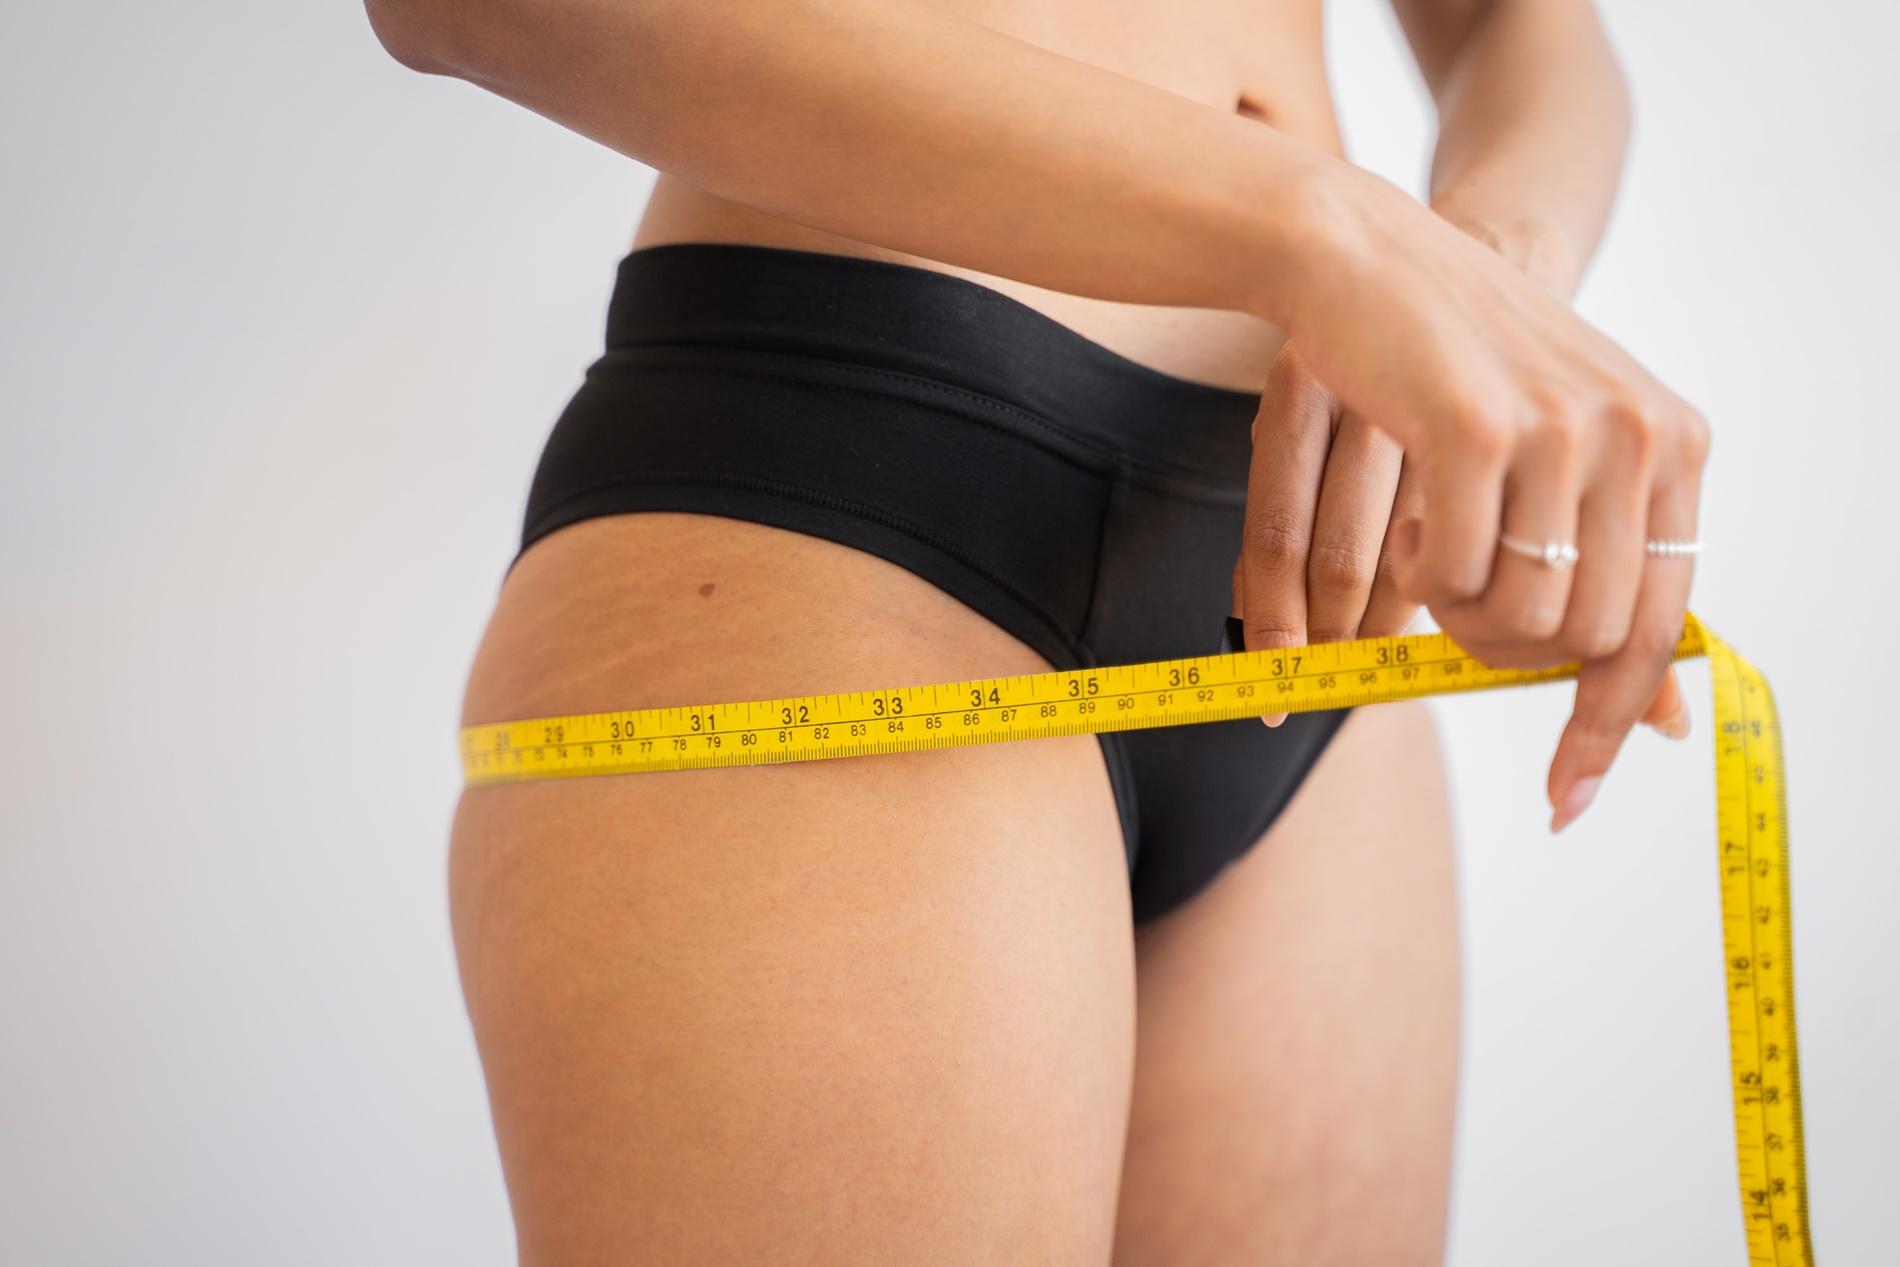 mitovi o gubitku masti na trbuhu